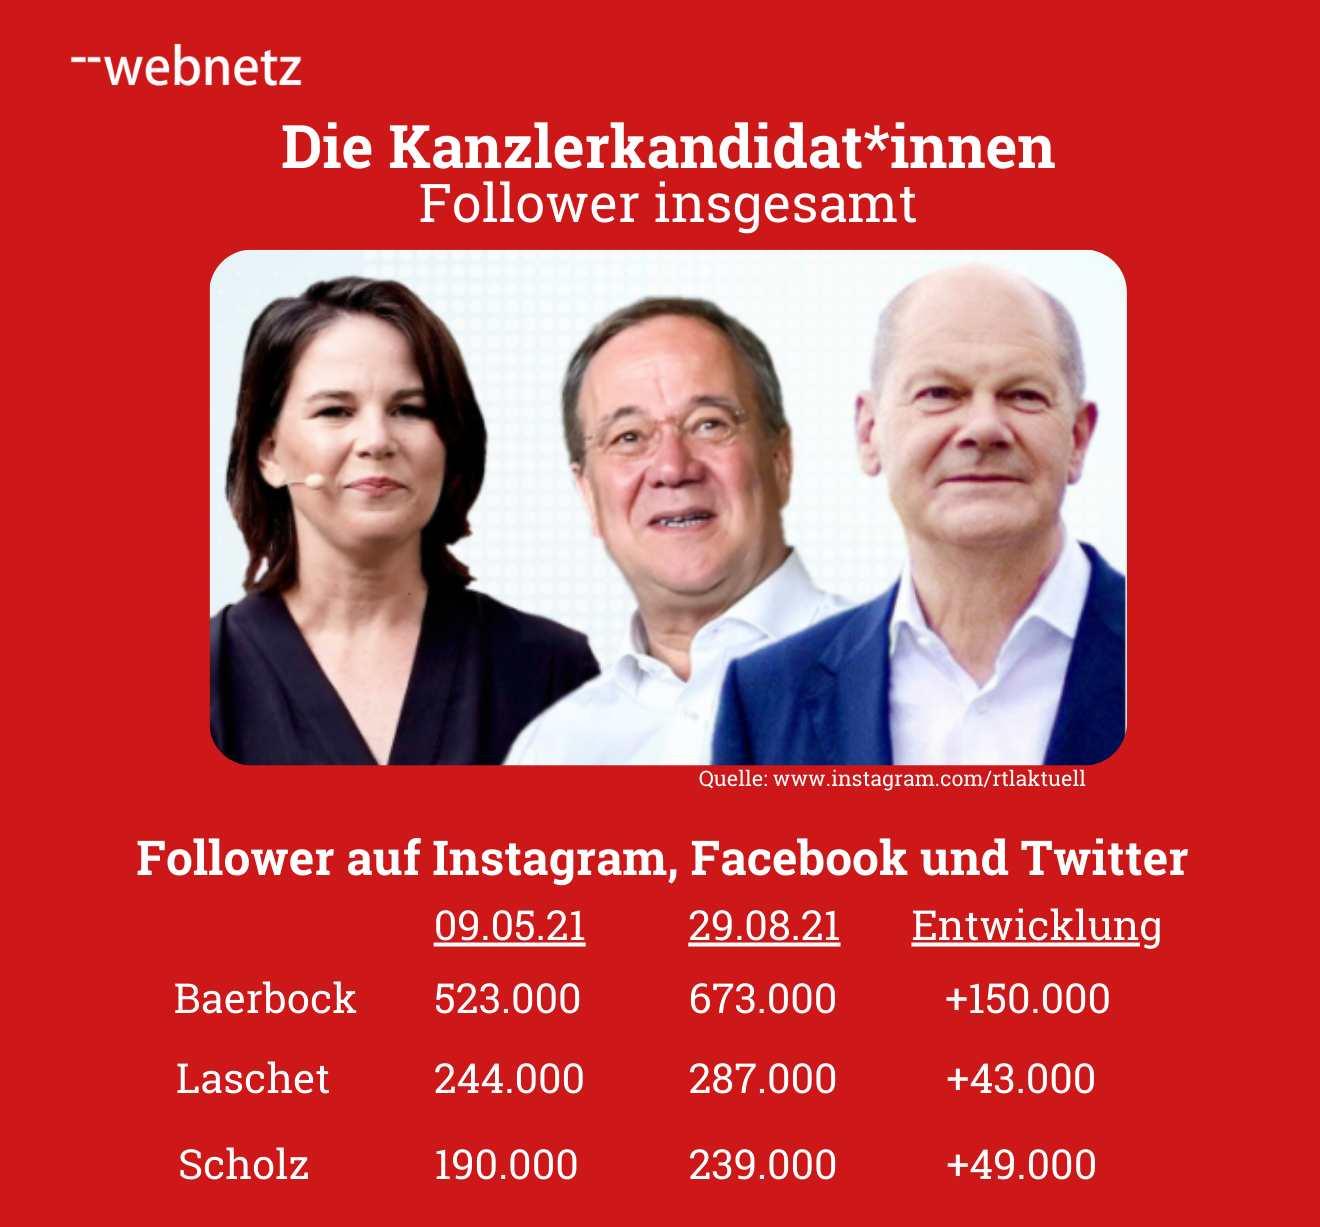 Follower der Kanzlerkandidat*innen bei Instagram, Facebook und Twitter